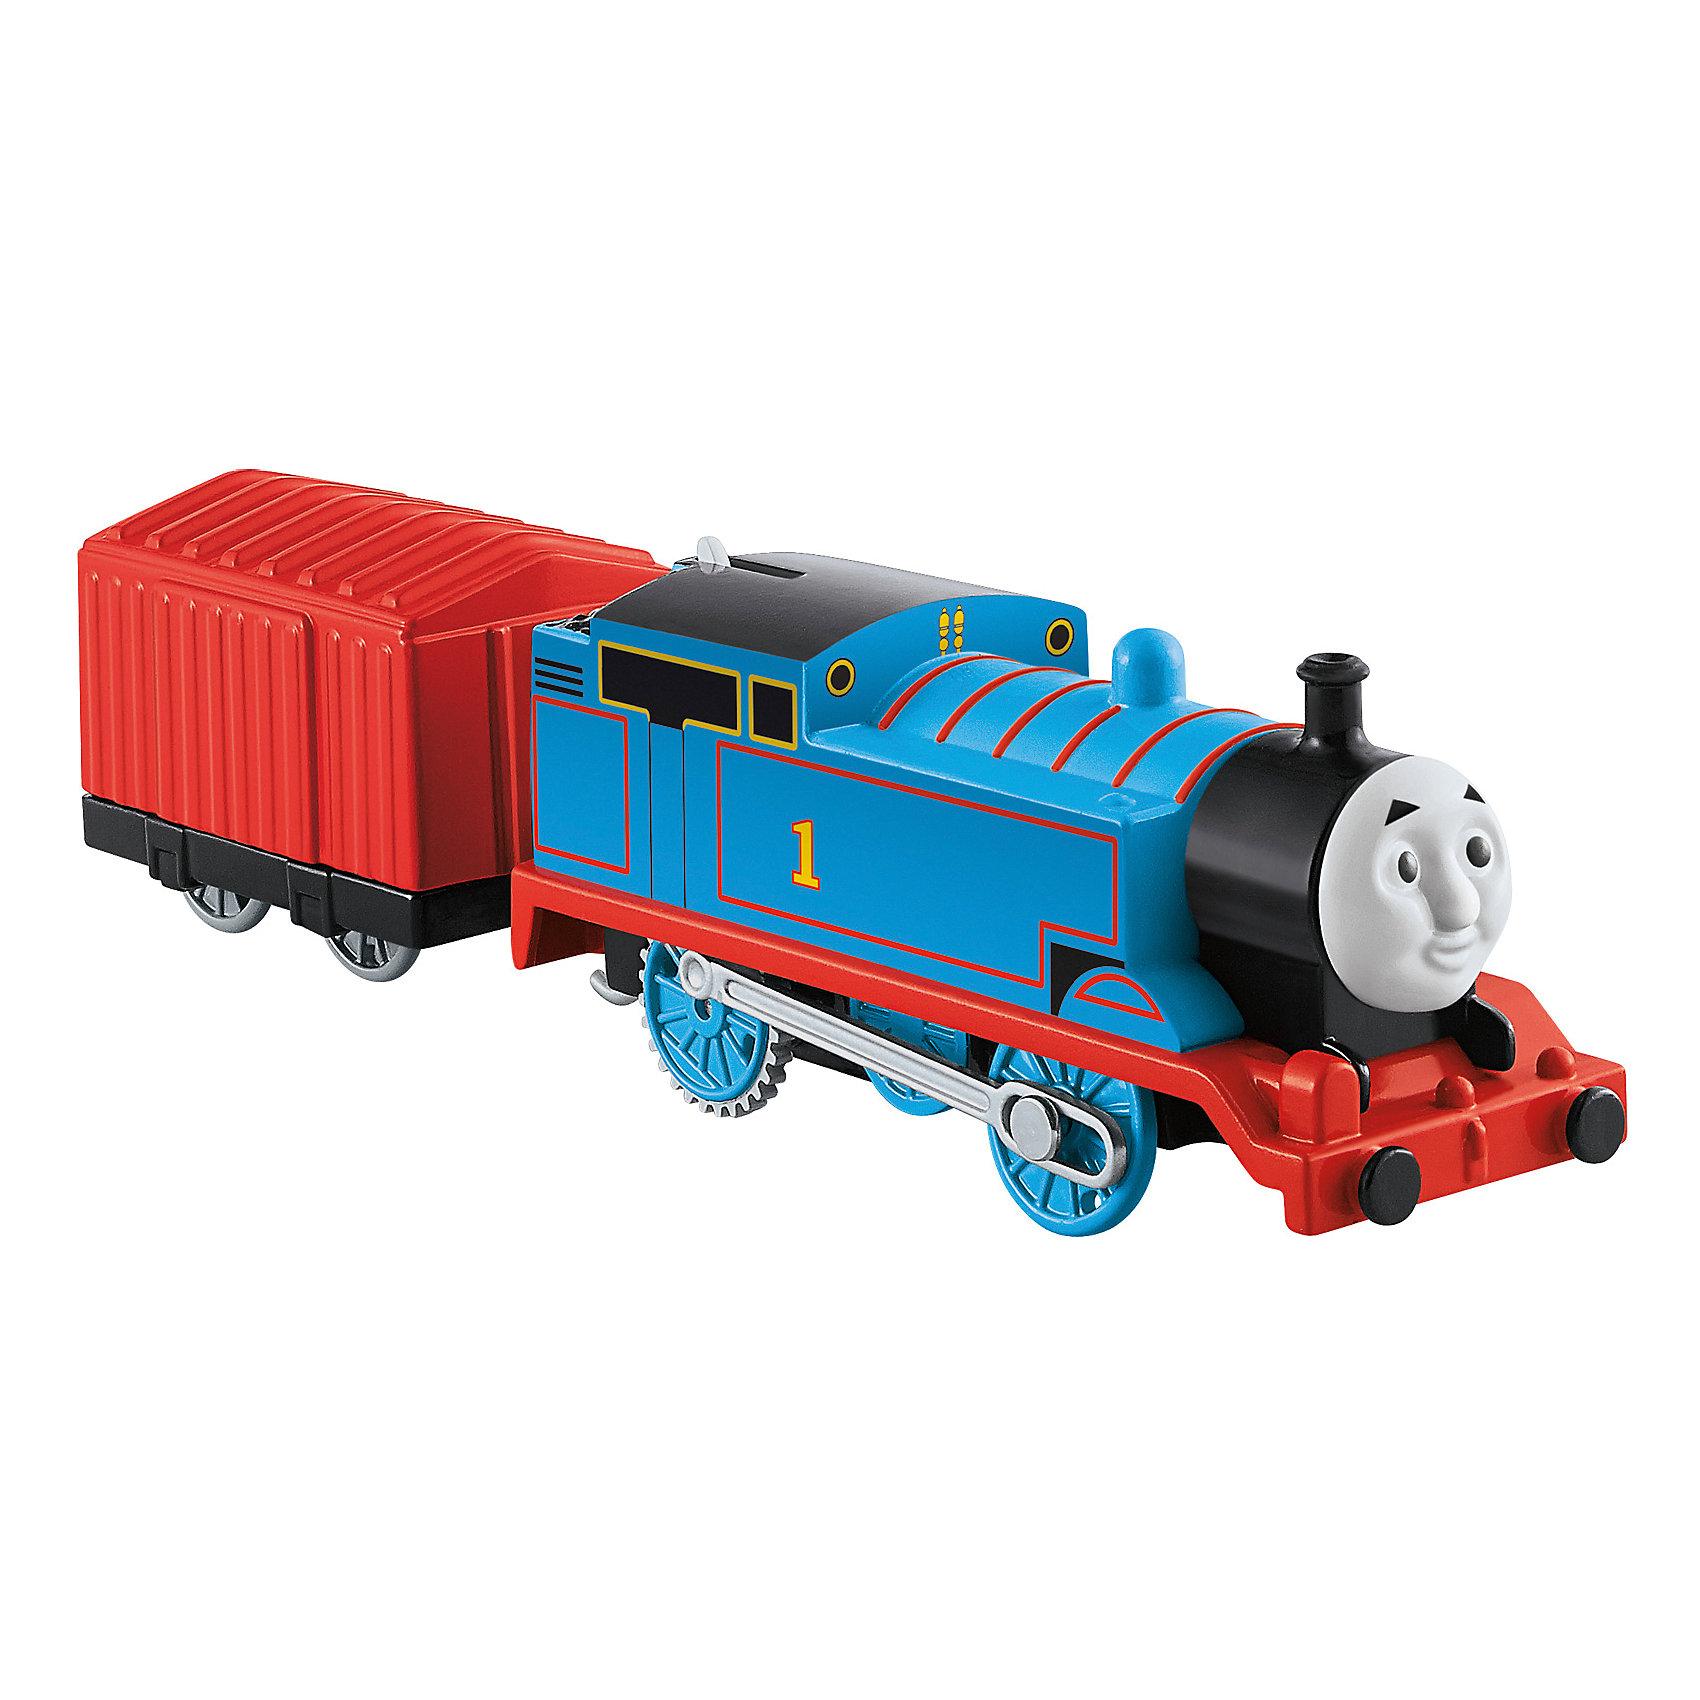 Базовые паровозики, Томас и его друзья